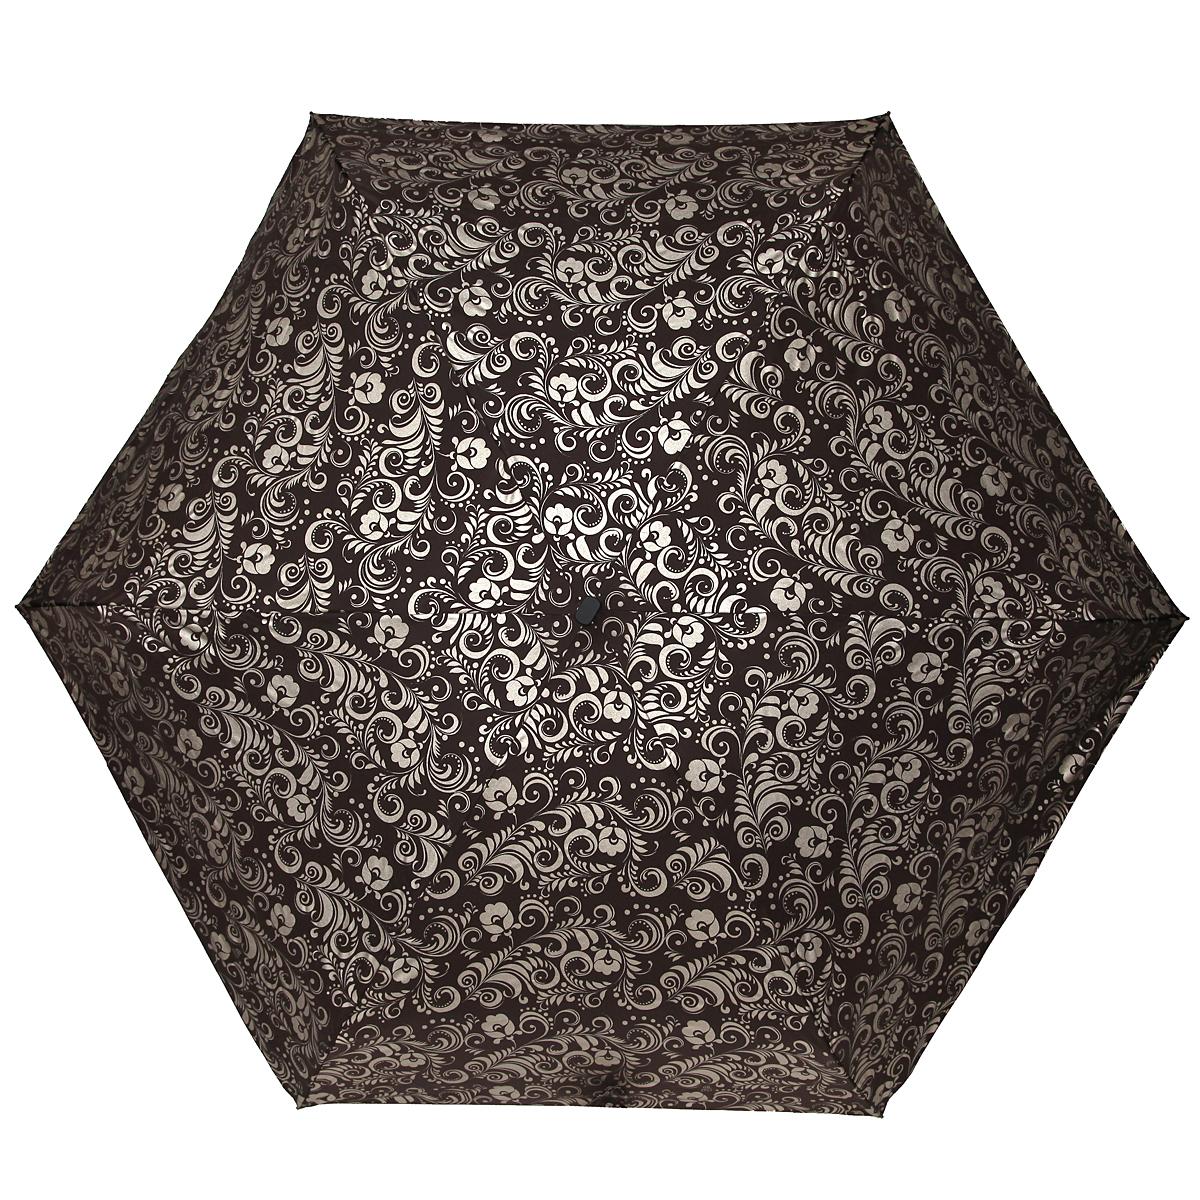 Зонт женский Zest, механический, 5 сложений, цвет: коричневый, золотистый. 25569-126325569-1263Элегантный механический зонт Zest в 5 сложений изготовлен из высокопрочных материалов. Каркас зонта состоит из 6 спиц и прочного алюминиевого стержня. Специальная система Windproof защищает его от поломок во время сильных порывов ветра. Купол зонта выполнен из прочного полиэстера с водоотталкивающей пропиткой и оформлен витиеватым растительным узором. Используемые высококачественные красители обеспечивают длительное сохранение свойств ткани купола. Рукоятка, разработанная с учетом требований эргономики, выполнена из пластика. Зонт механического сложения: купол открывается и закрывается вручную до характерного щелчка. Небольшой шнурок, расположенный на рукоятке, позволяет надеть изделие на руку при необходимости. Модель закрывается при помощи хлястика на застежку-липучку. К зонту прилагается чехол. Очаровательный зонт не только выручит вас в ненастную погоду, но и станет стильным аксессуаром, который прекрасно дополнит ваш модный образ.